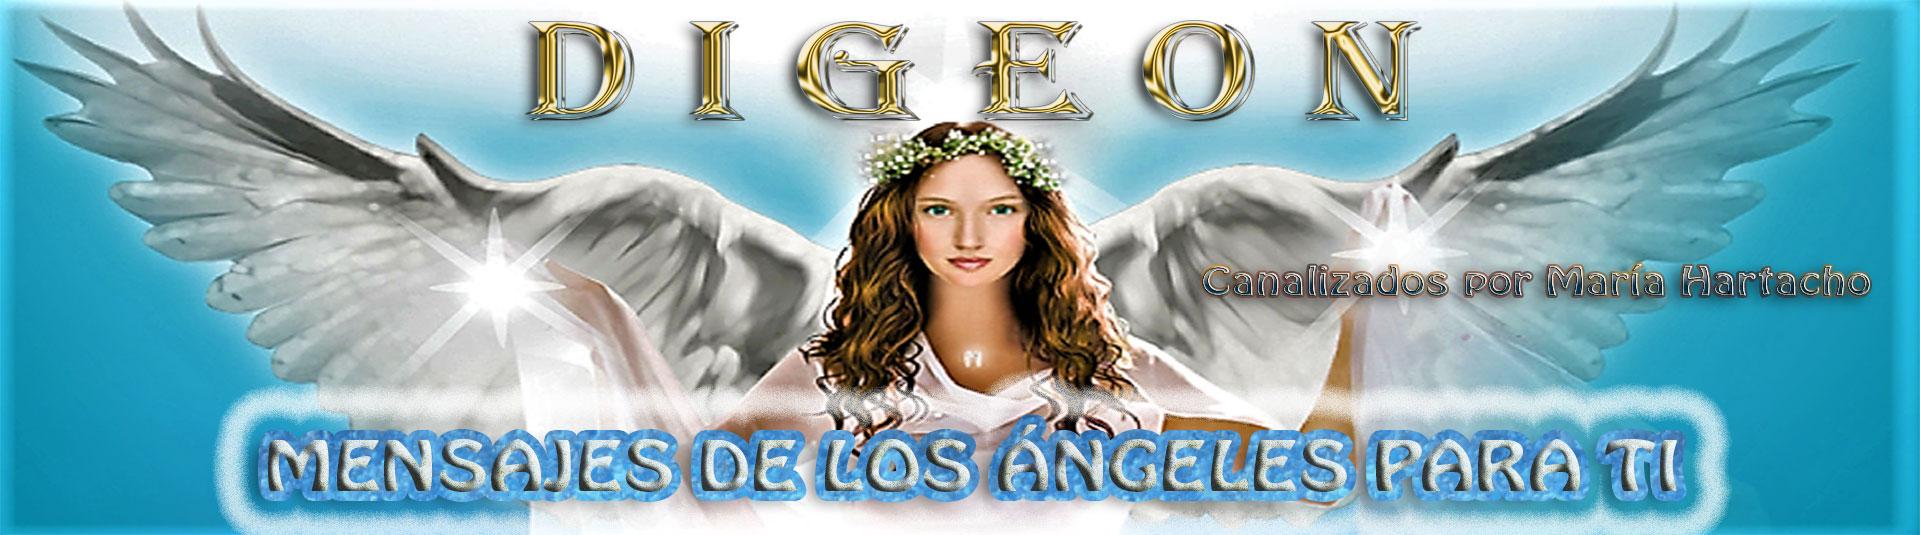 Mensajes de los Ángeles para ti, acceso al Mensaje de tus Ángeles para hoy, mensajes de los ángeles, todo sobre ángeles y arcángeles, los sietes arcángeles y los ángeles de la cábala,decretos de metafísica, decretos poderosos para la abundancia y el exito, todo sobre los maestros ascendidos, oraciones poderosas y milagrosas, y limpiezas de aura, y cada día un Mensajes de los Ángeles para ti, dice tu angel dia, mensajes de los ángeles y numeros, los angeles y sus mensajes, y mensajes celestiales, mensajes de los angeles diario, y consejo diario de los angeles